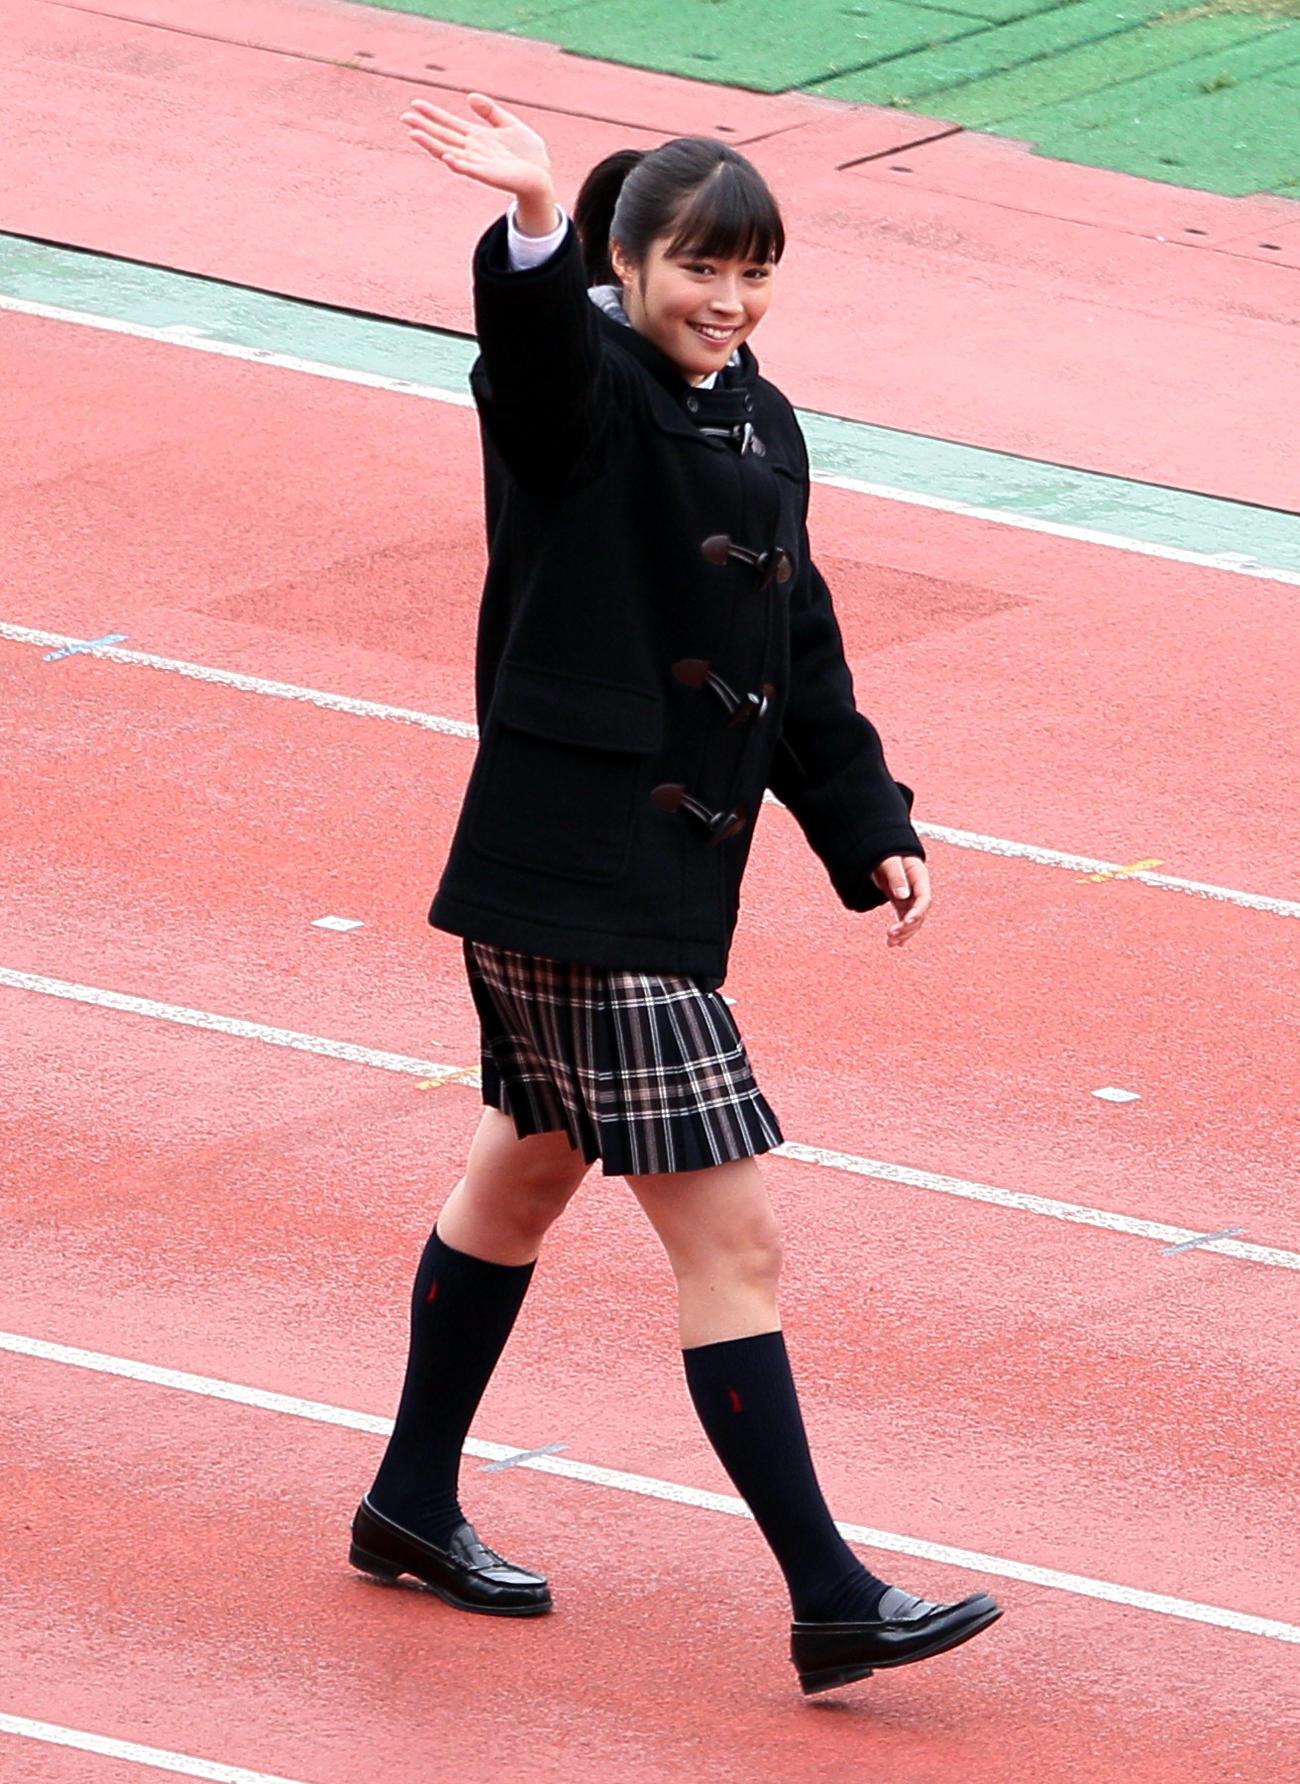 第89回全国高校選手権開会式で客席に手を振る応援マネジャーの広瀬アリス(10年12月30日)